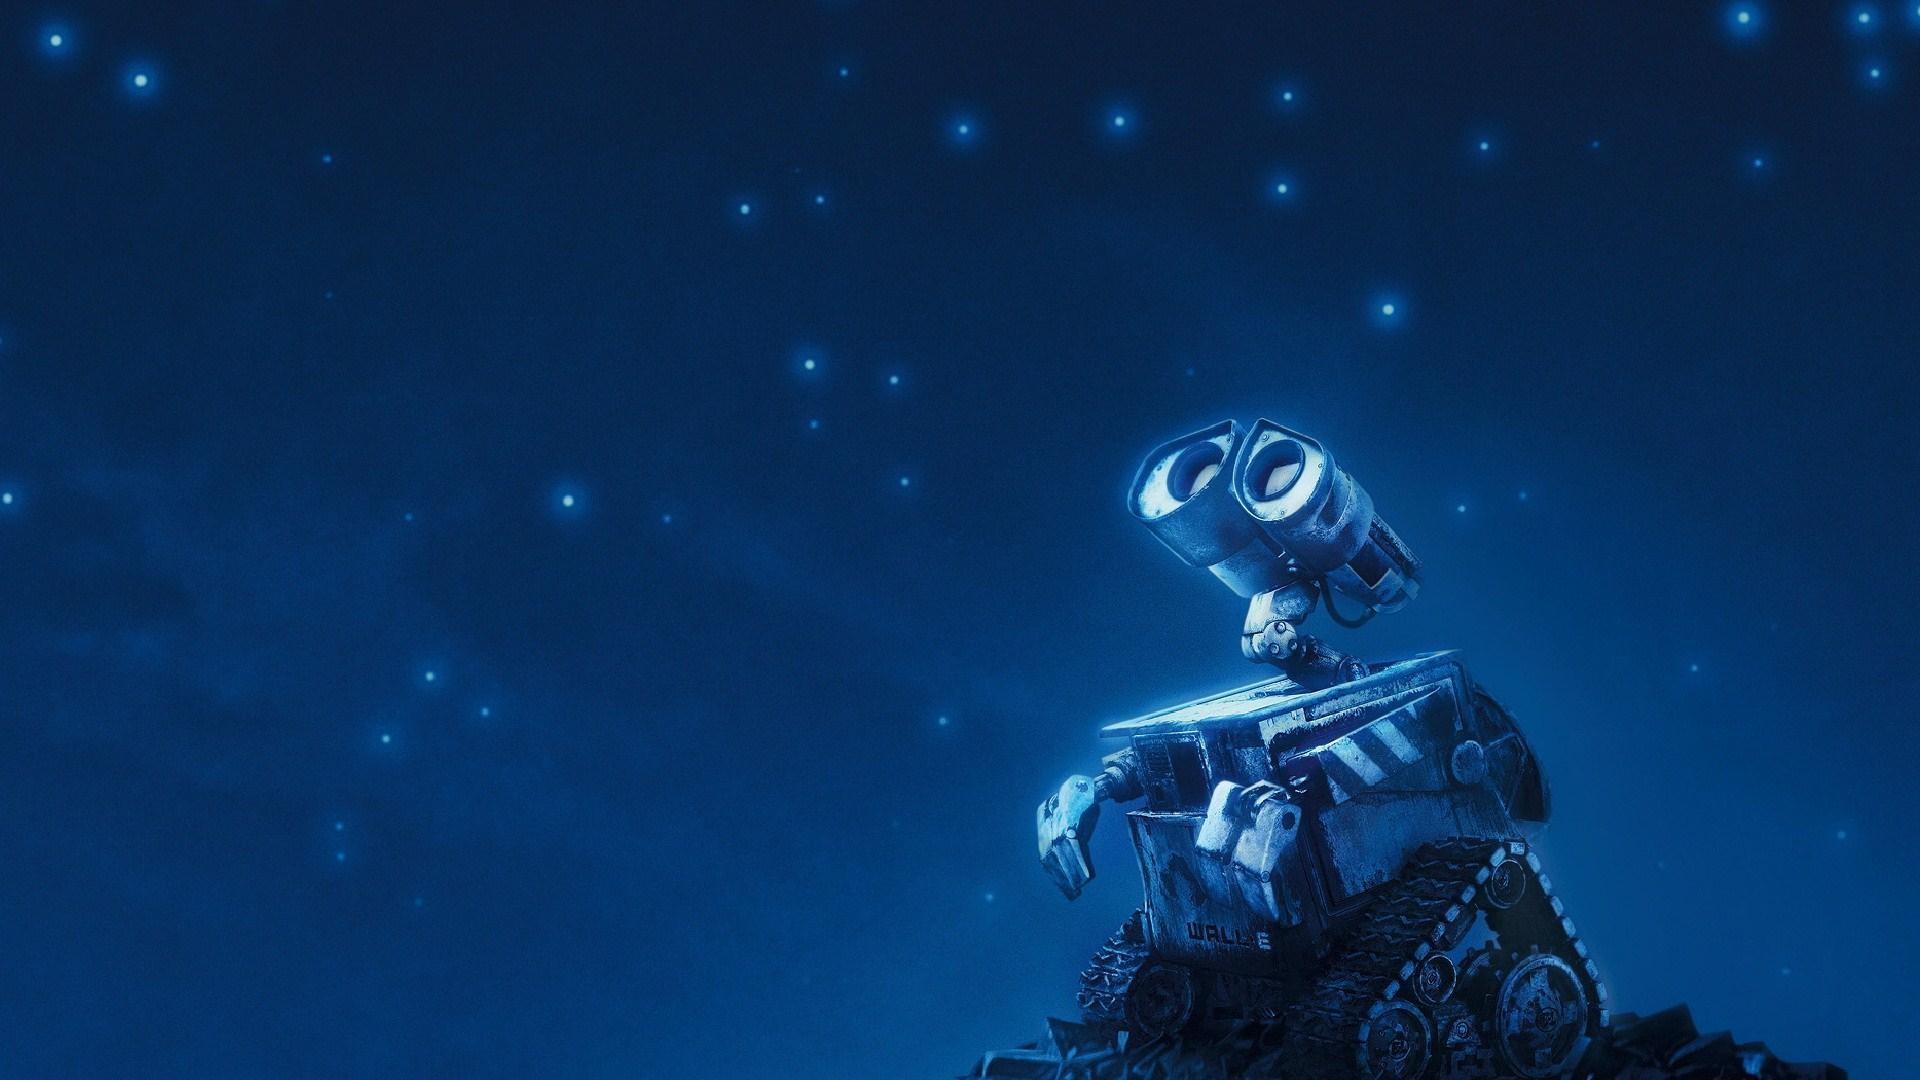 Wall-E Robot Night Stars Sky Animated Cartoon